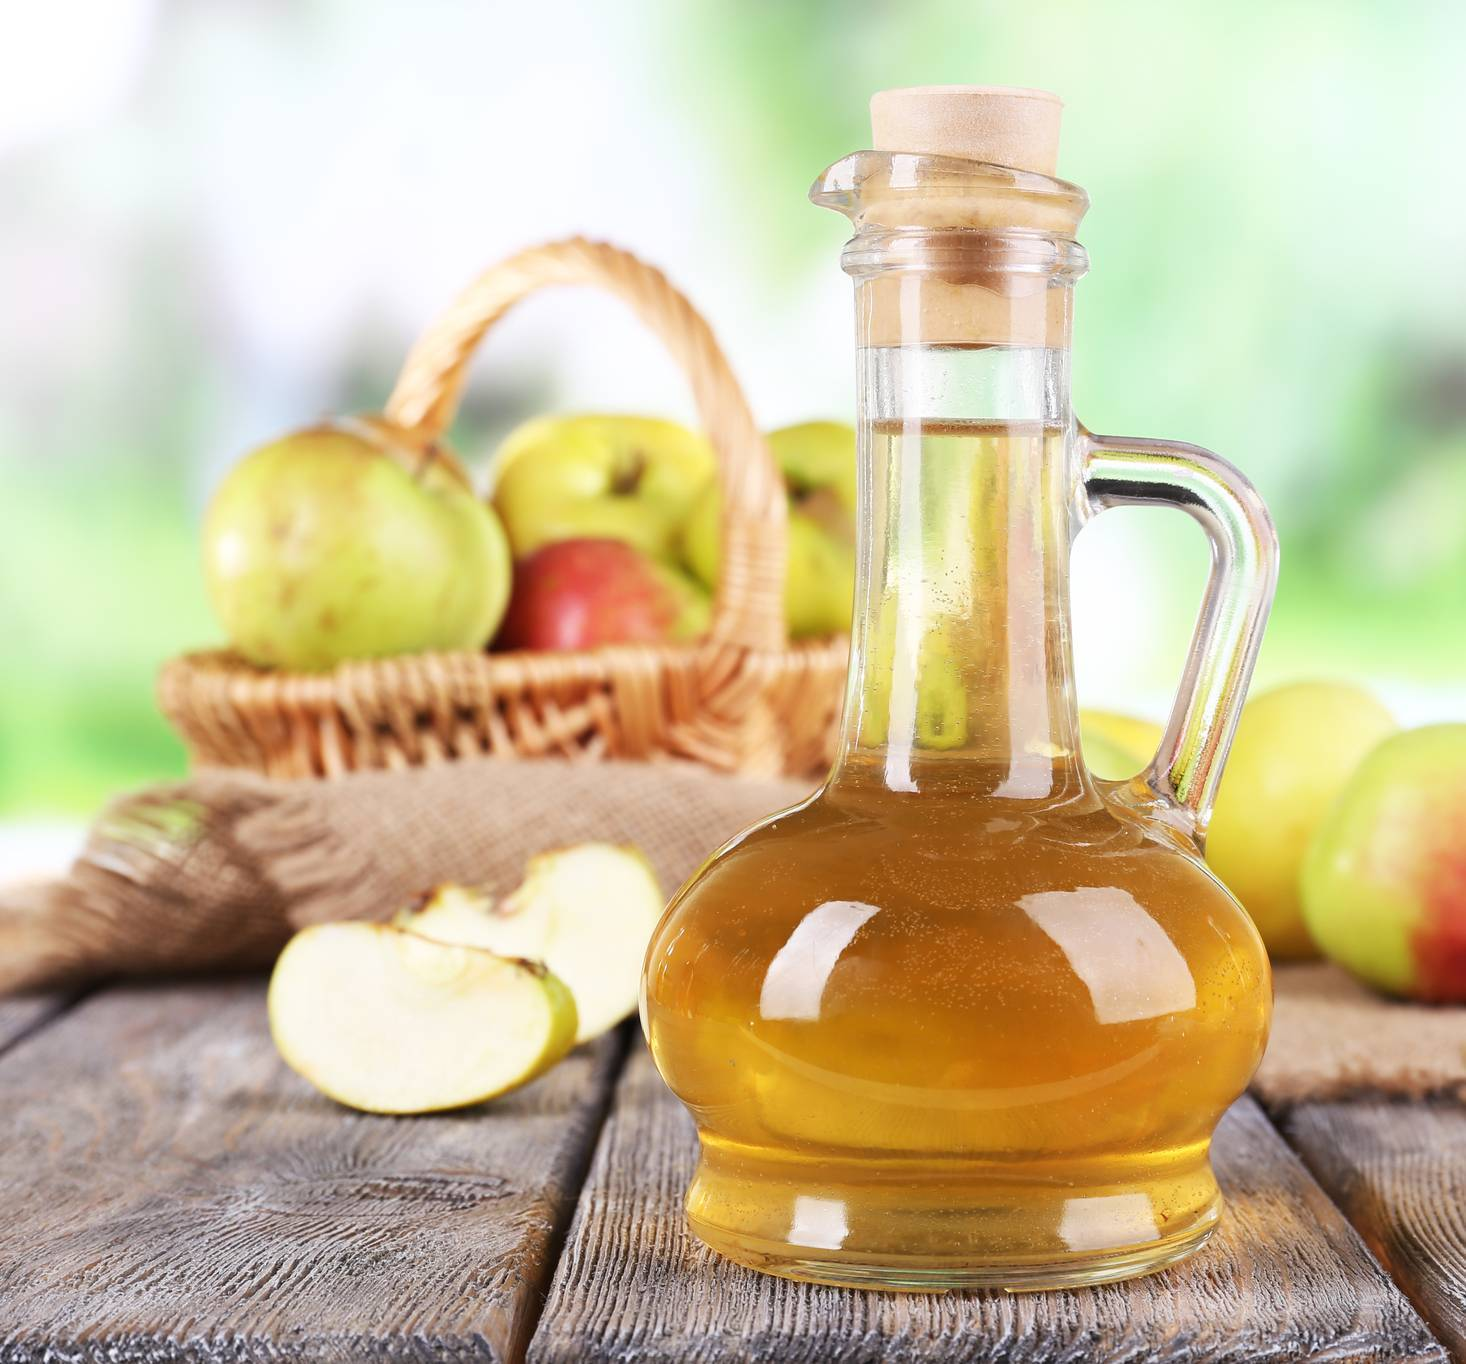 Как приготовить яблочный уксус в домашних условиях: рецепты приготовления на меду и сахаре, как сделать уксус